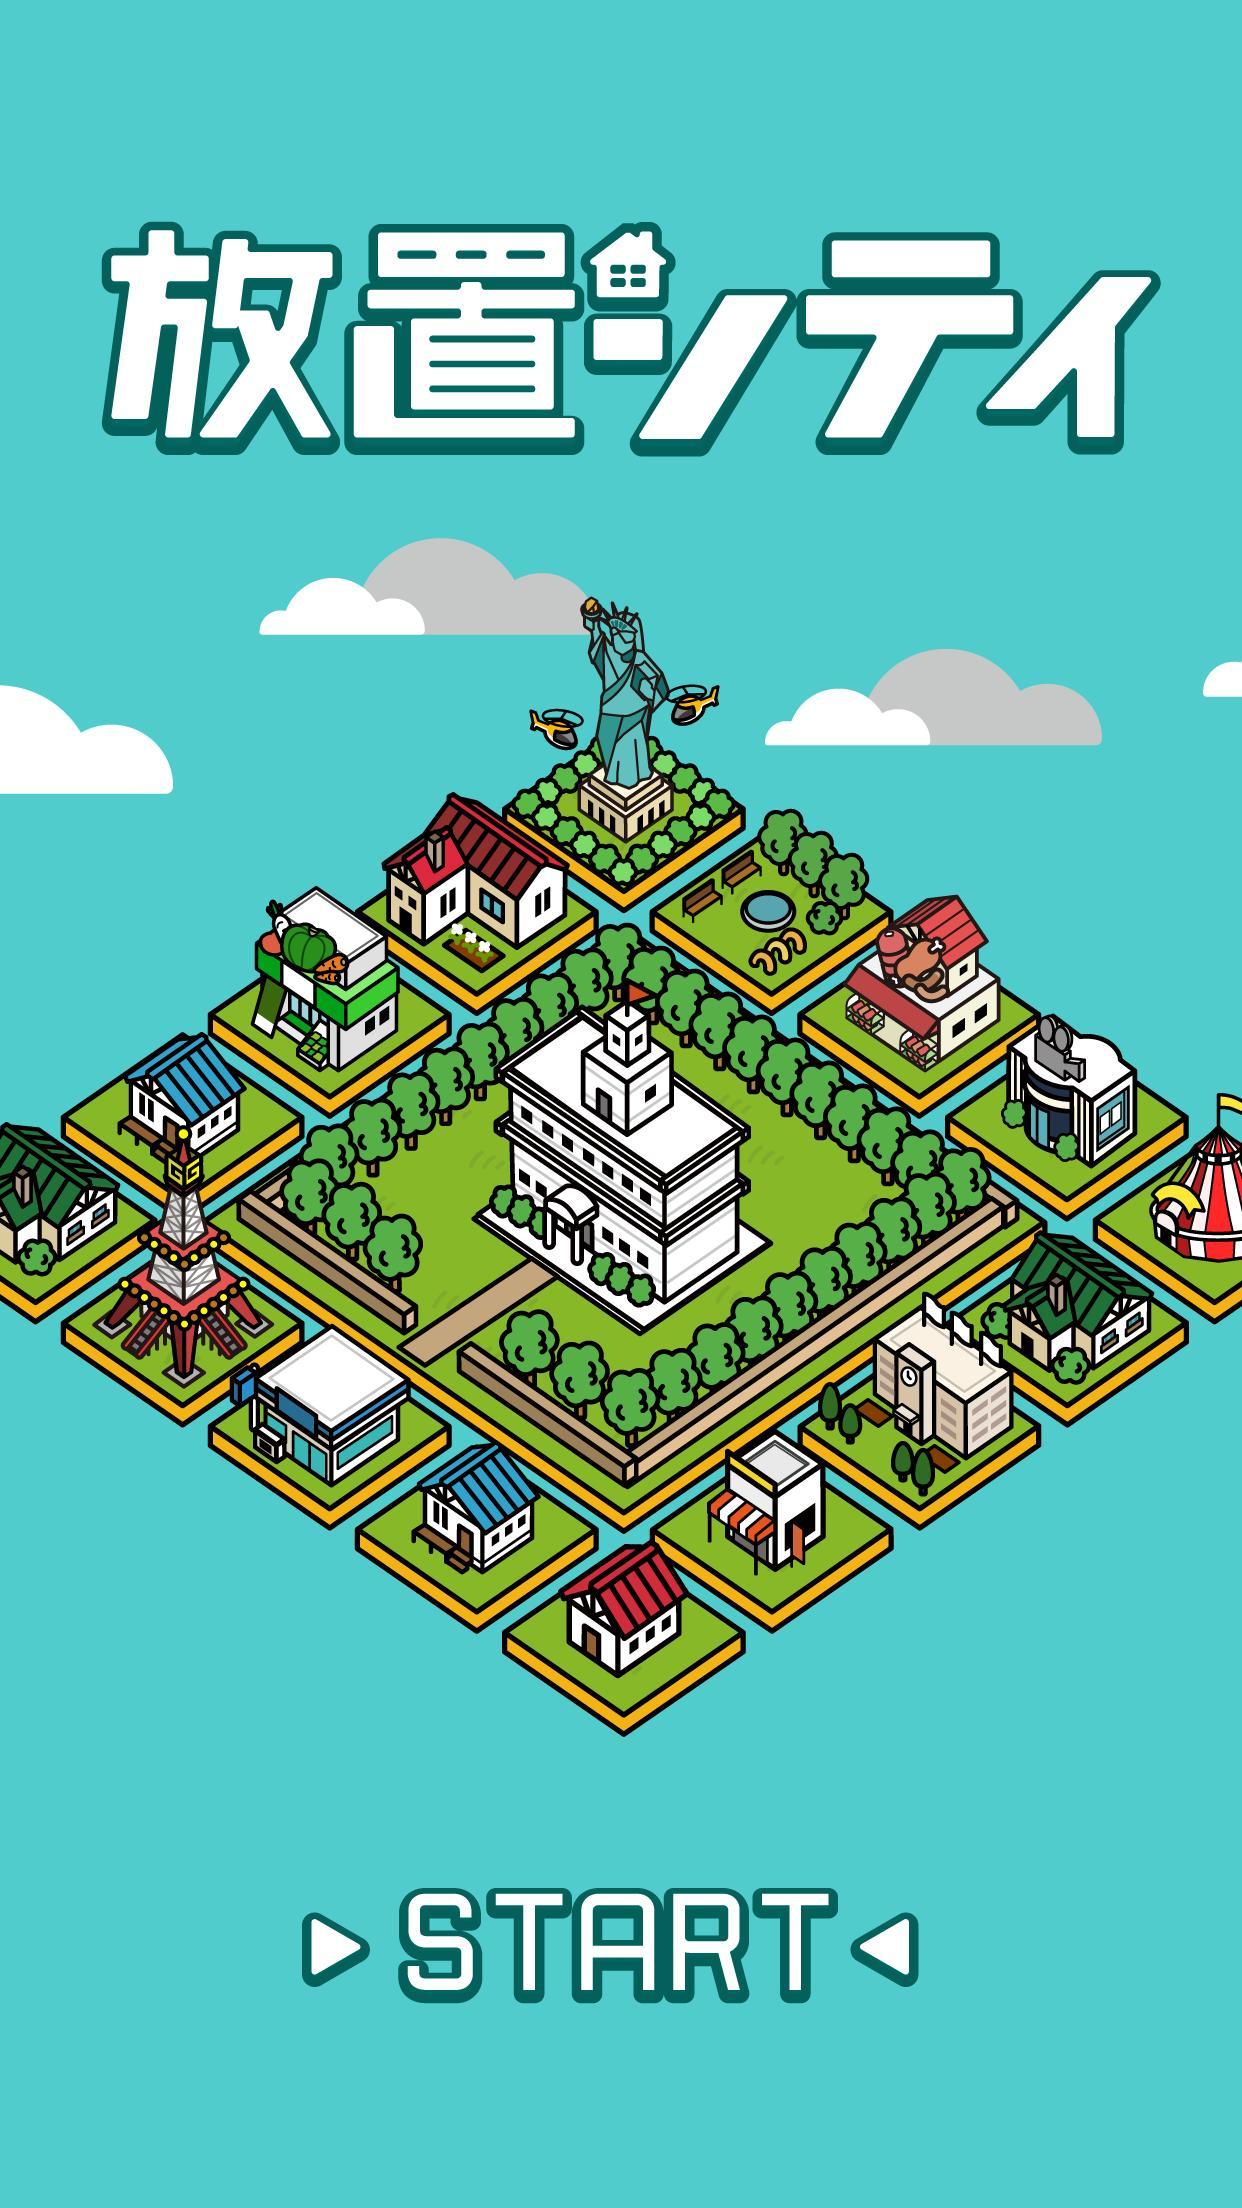 放置シティ ~のんびり街づくりゲーム~ 1.7.0 Screenshot 1